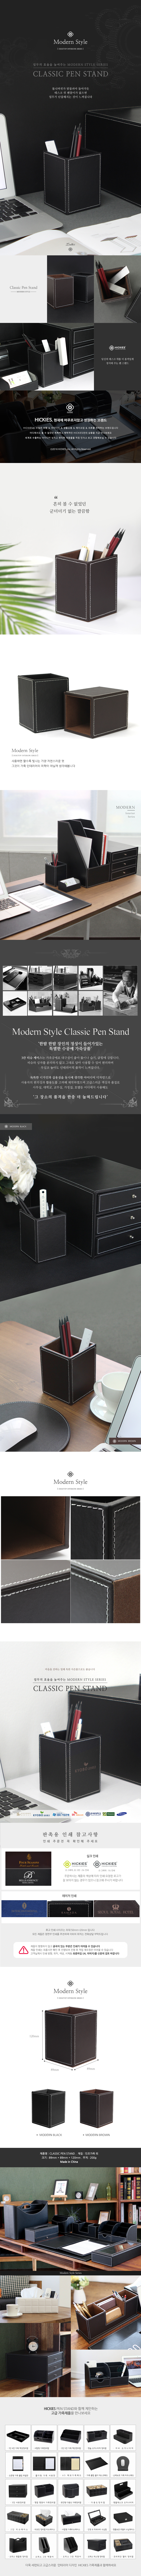 클래식 가죽펜꽂이 - 심플, 9,000원, 데스크정리, 필기구 홀더